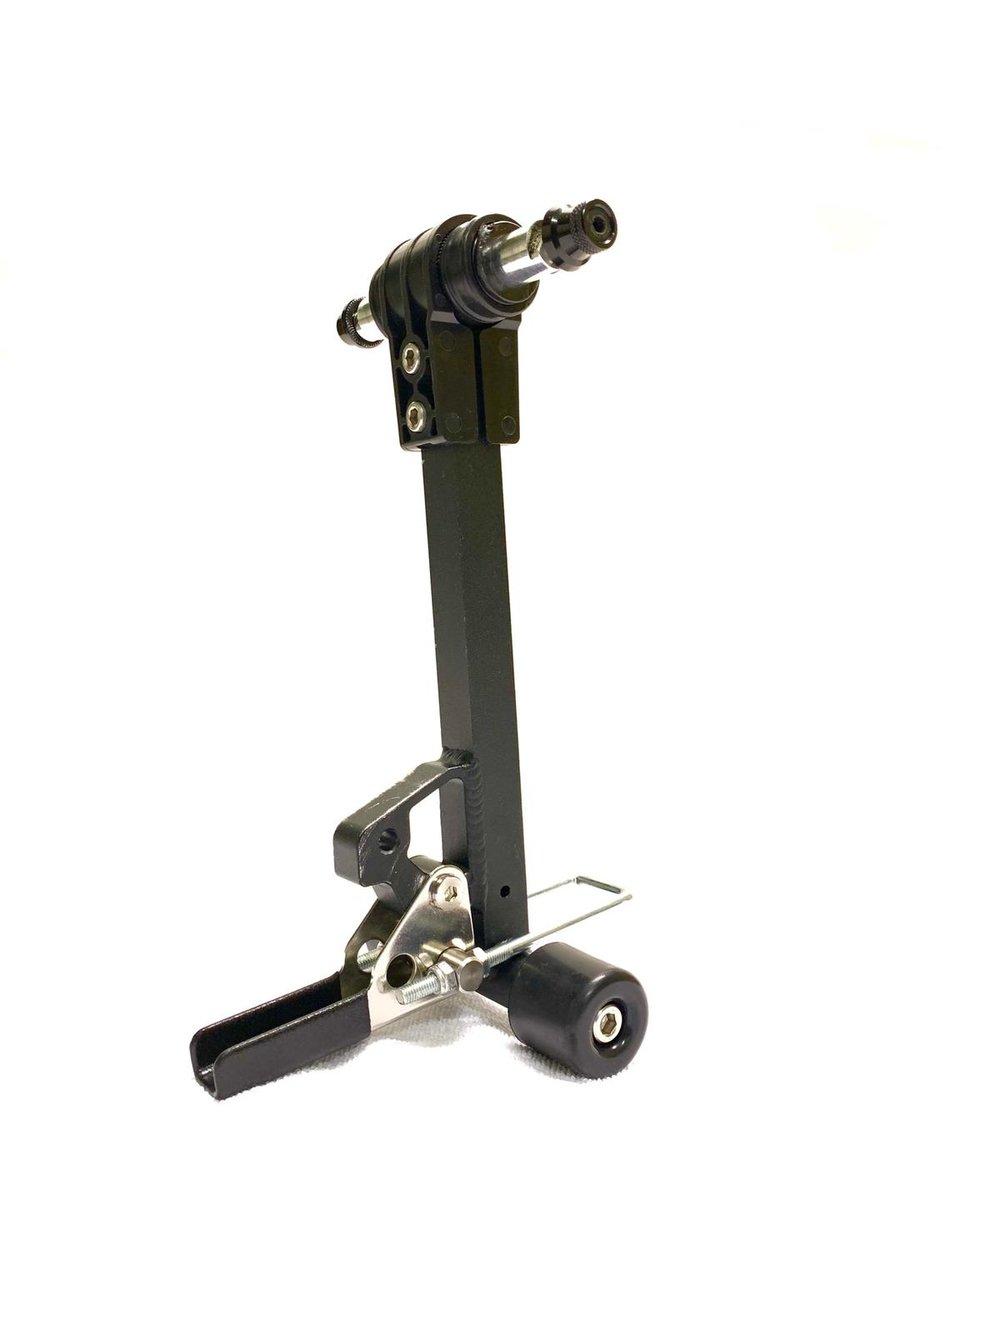 - Der revolutionäre Ansatz liegt in der Multifunktionalität von TReGo, es ist der einzige Trolley, der direkt an dein Fahrrad angeschlossen werden kann.Fast Connector:Der FAST-Connector wurde mit dem Gedanken entwickelt einen Mechanismus zu schaffen, der es ermöglicht den Trolley ohne Werkzeuge an- und abzukoppeln. Außerdem wollten wir eine Lösung, die für fast jedes erwachsenen Fahrrad (26 Inch oder größer) funktioniert.Zum ersten Mal gibt es eine praktische und günstige Lösung für deine Transportprobleme.